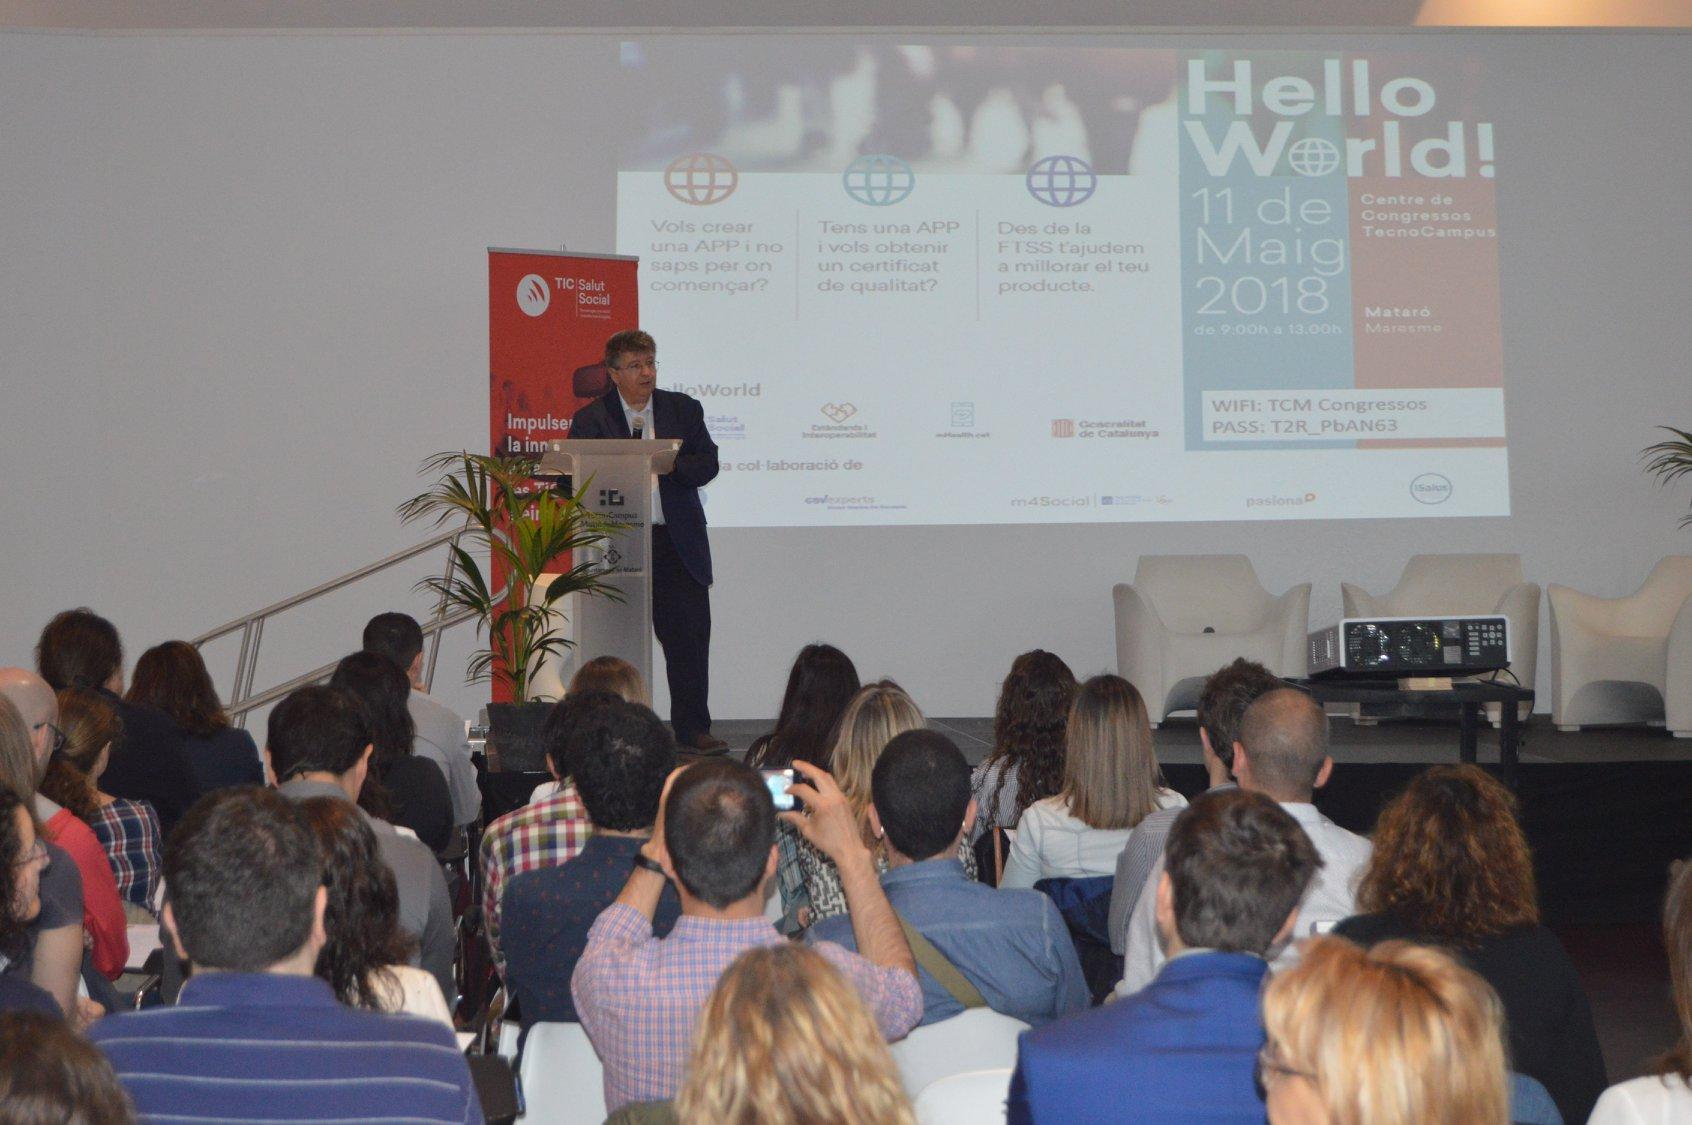 La Fundació TIC Salut Social ayuda a crear apps de salud y bienestar de confianza, en la Jornada Hello World!